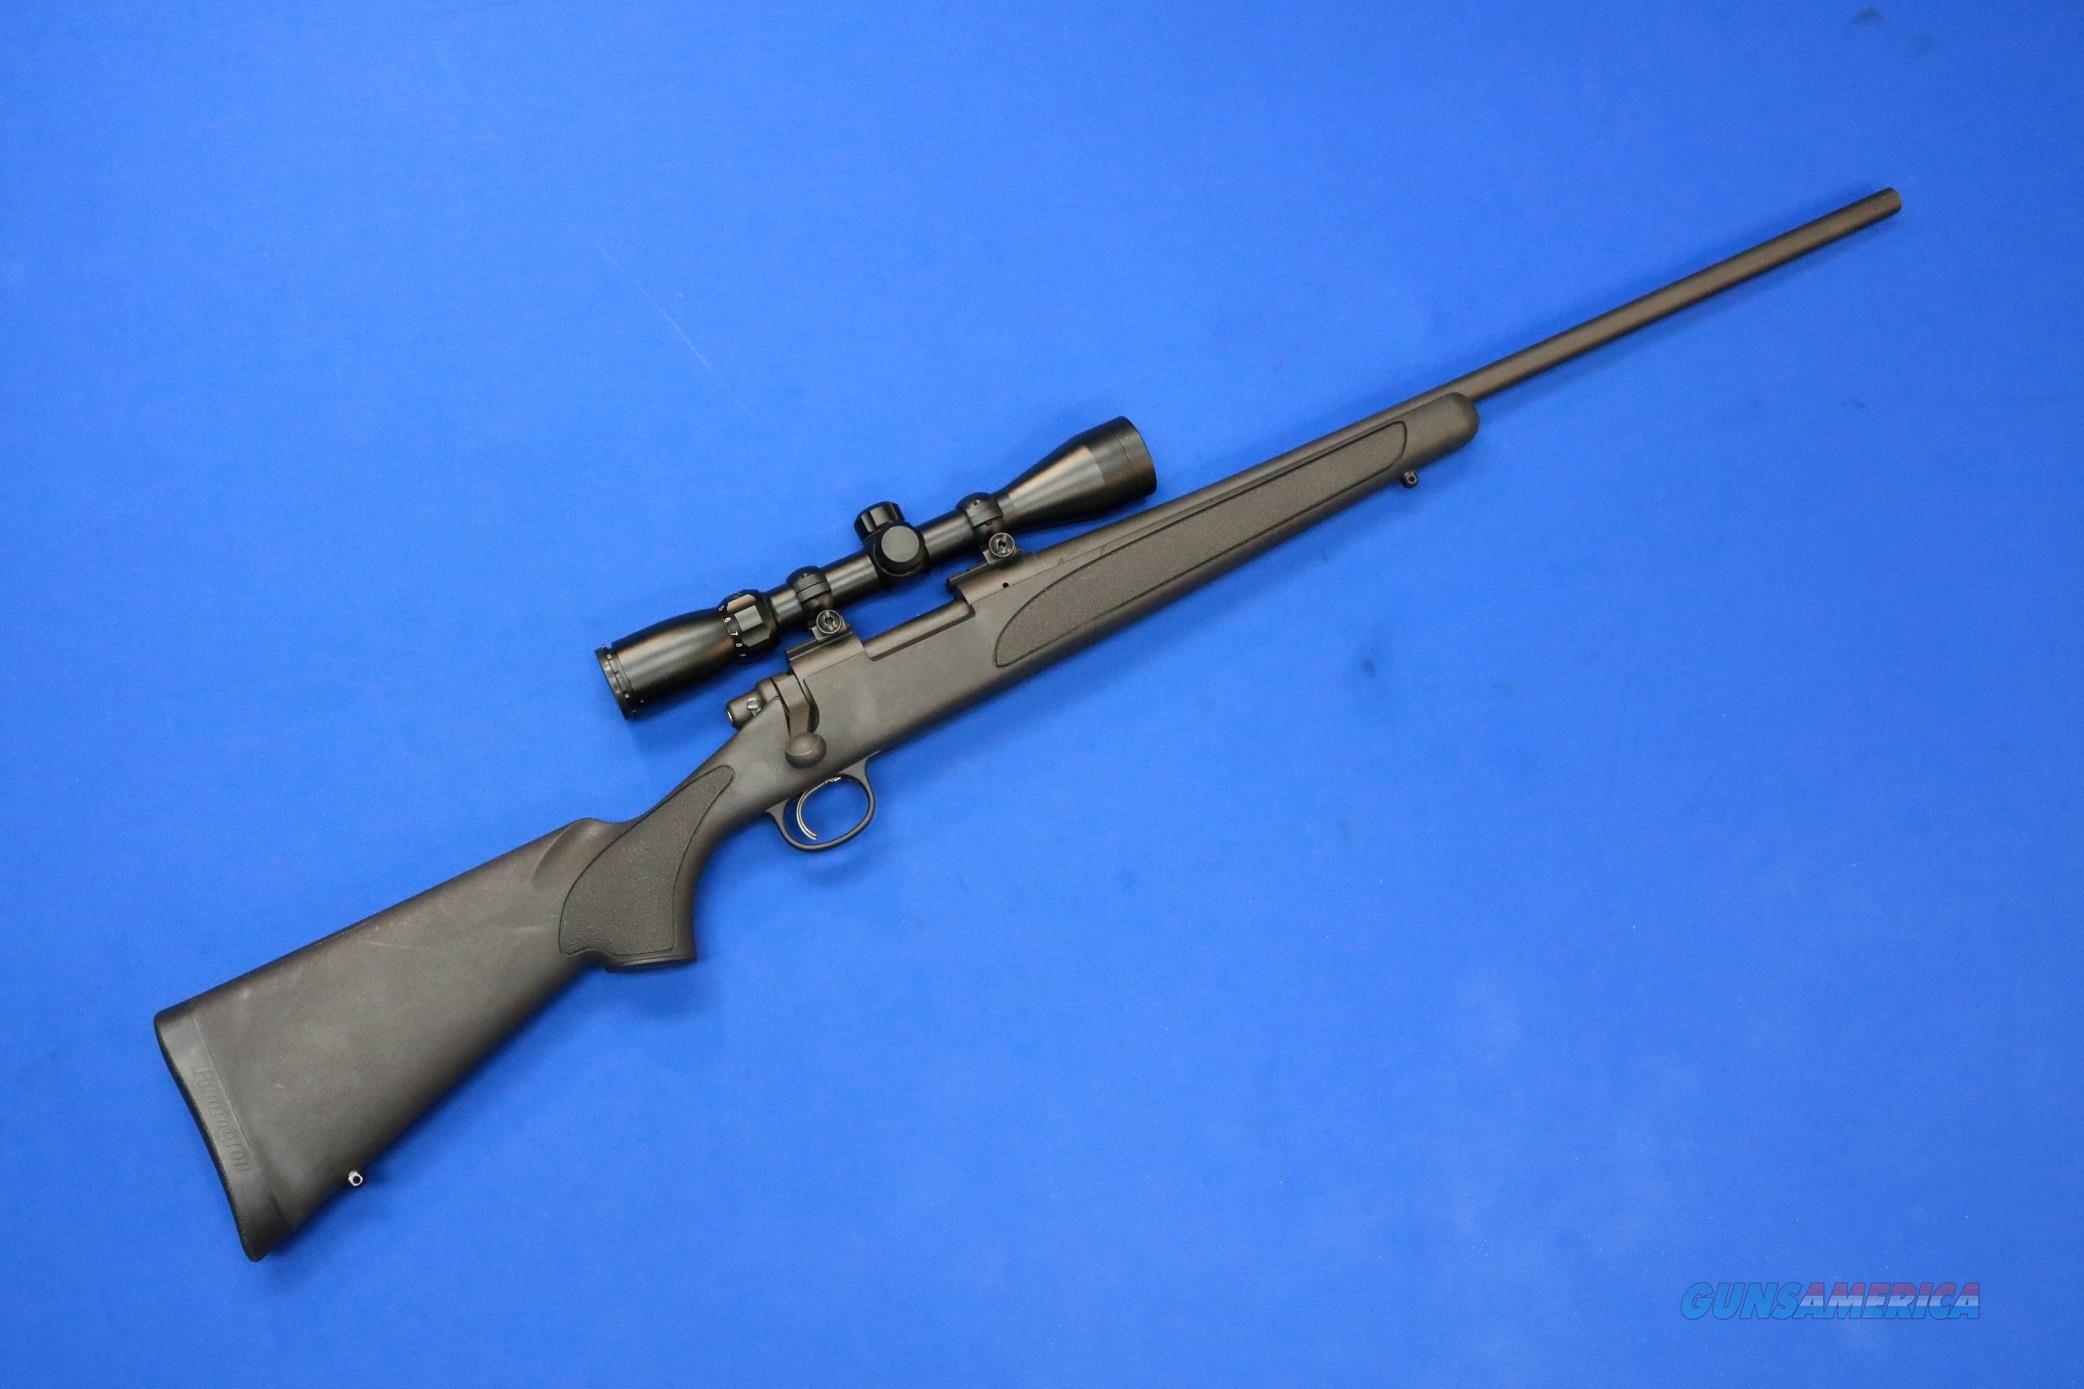 REMINGTON 700 SPS SYNTHETIC .243 WIN w/SCOPE  Guns > Rifles > Remington Rifles - Modern > Model 700 > Sporting